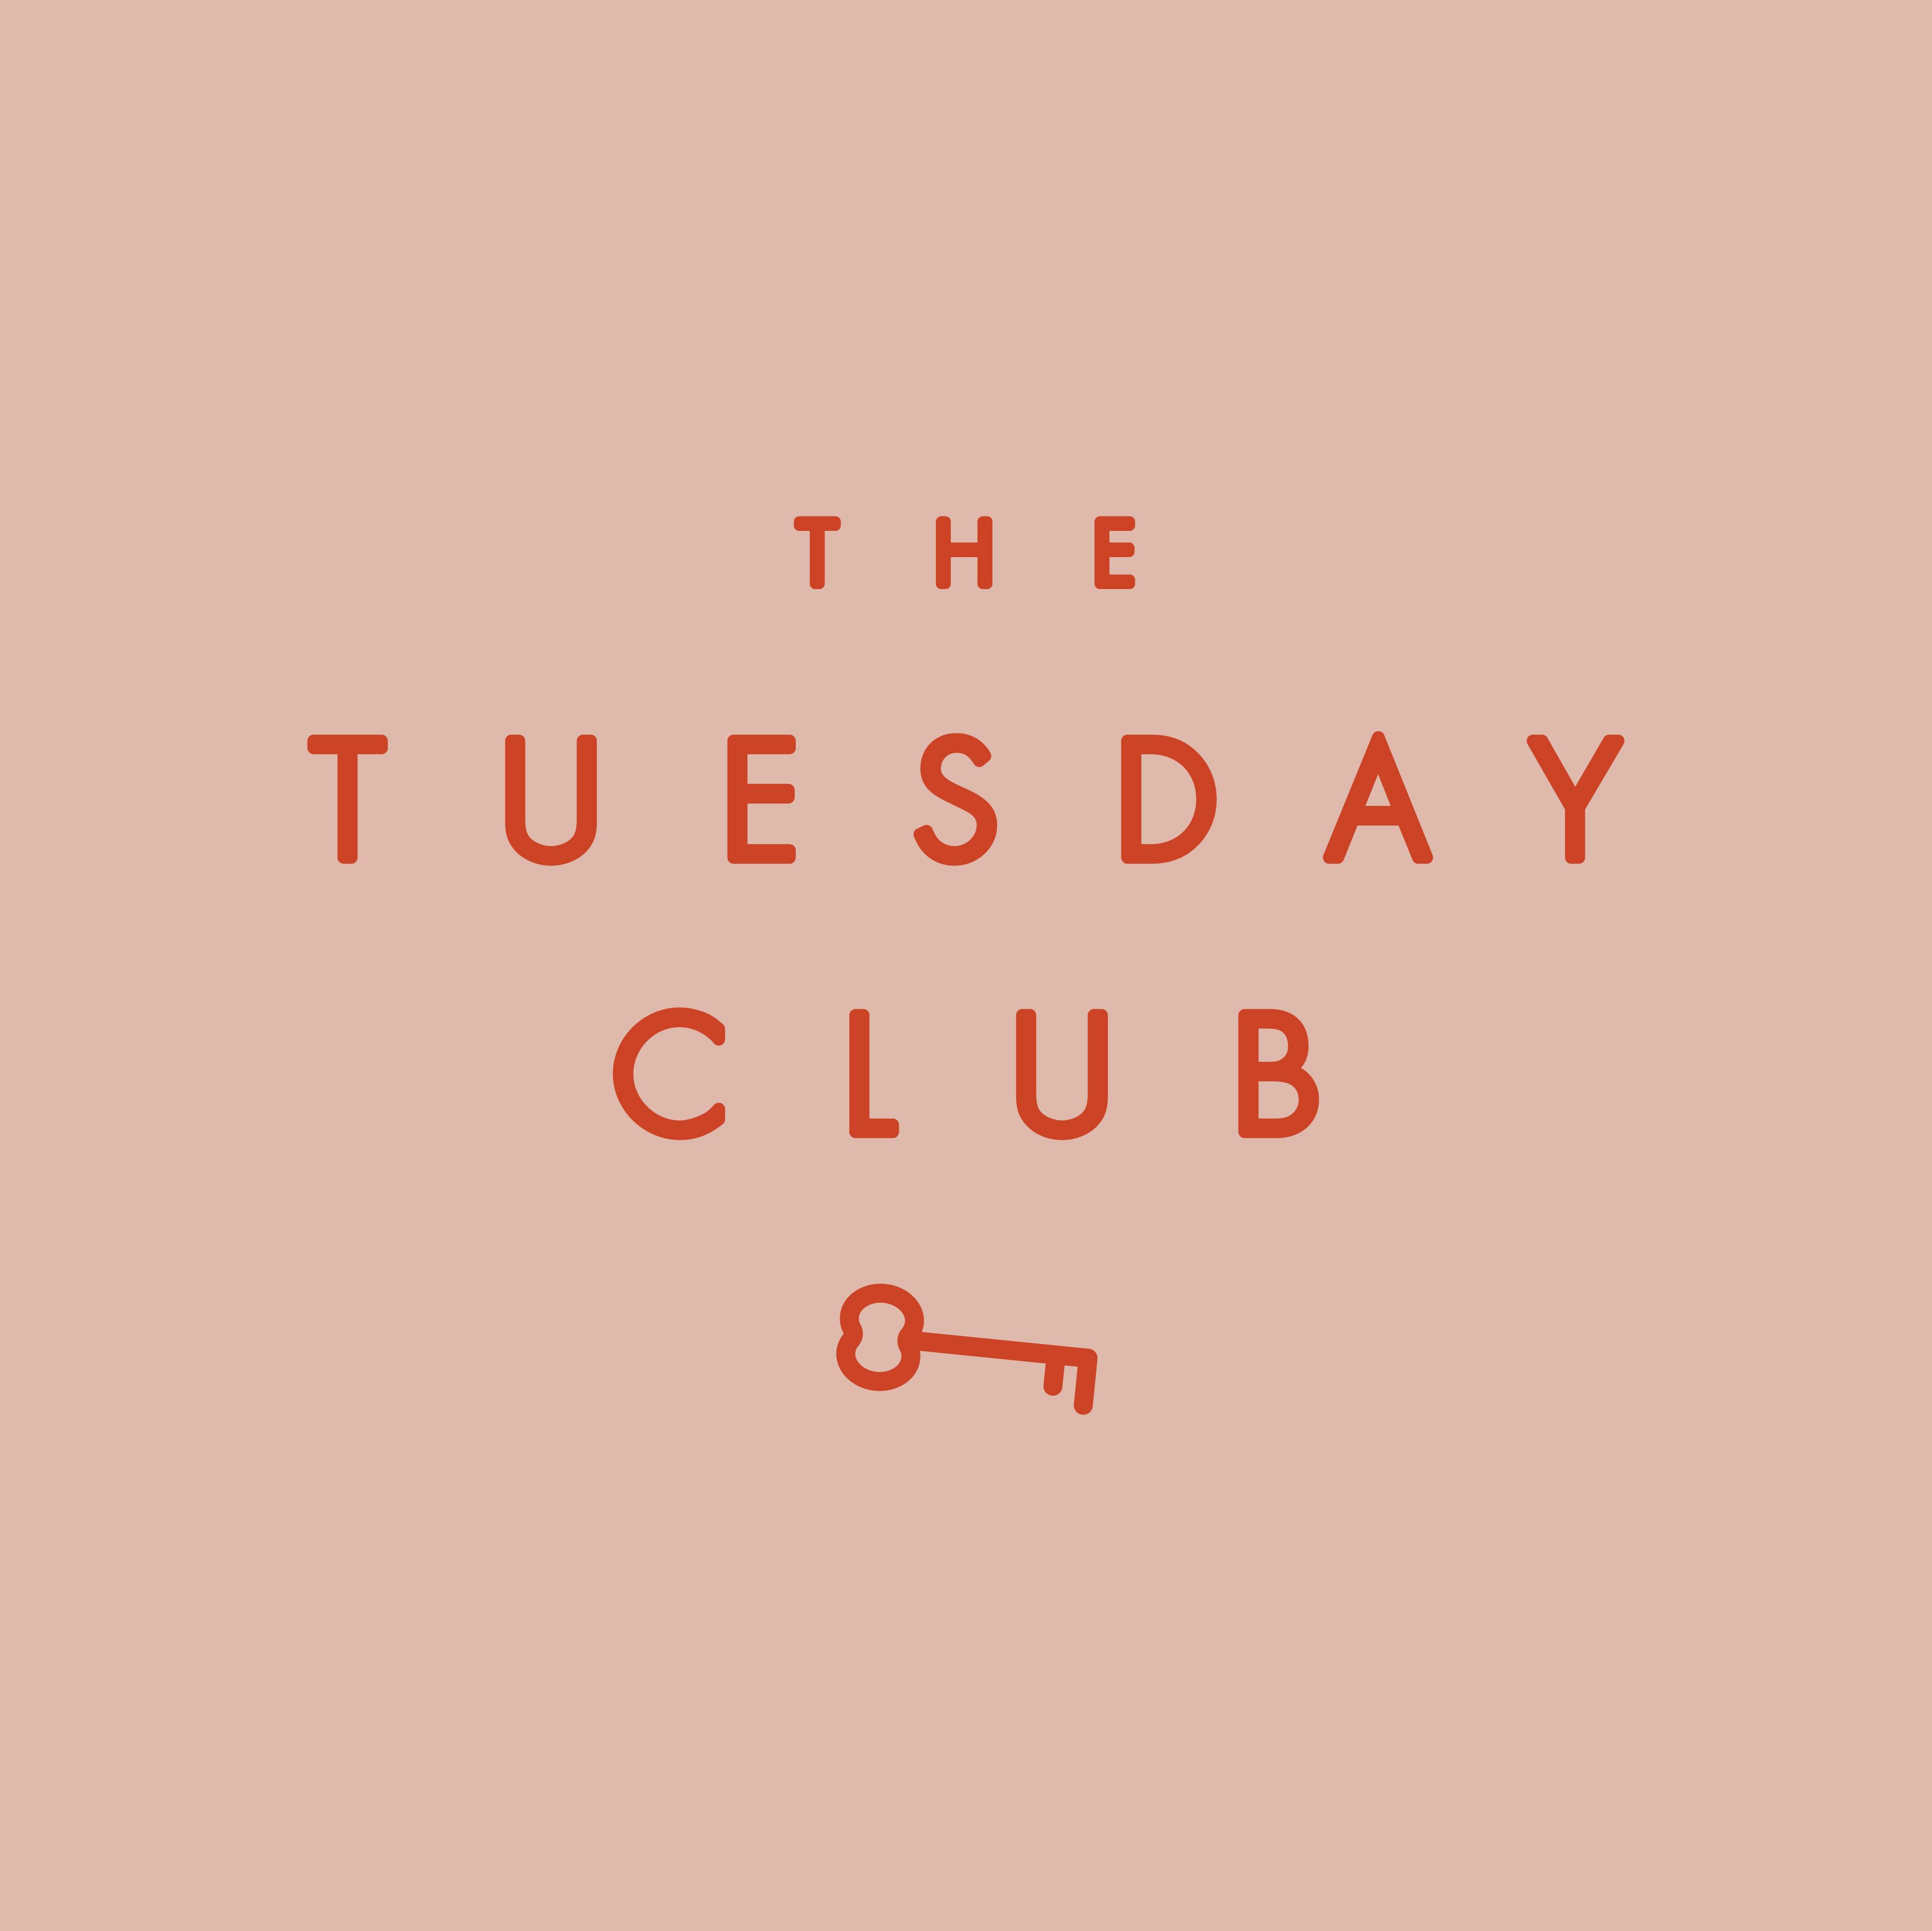 Logo design for The Tuesday Club.